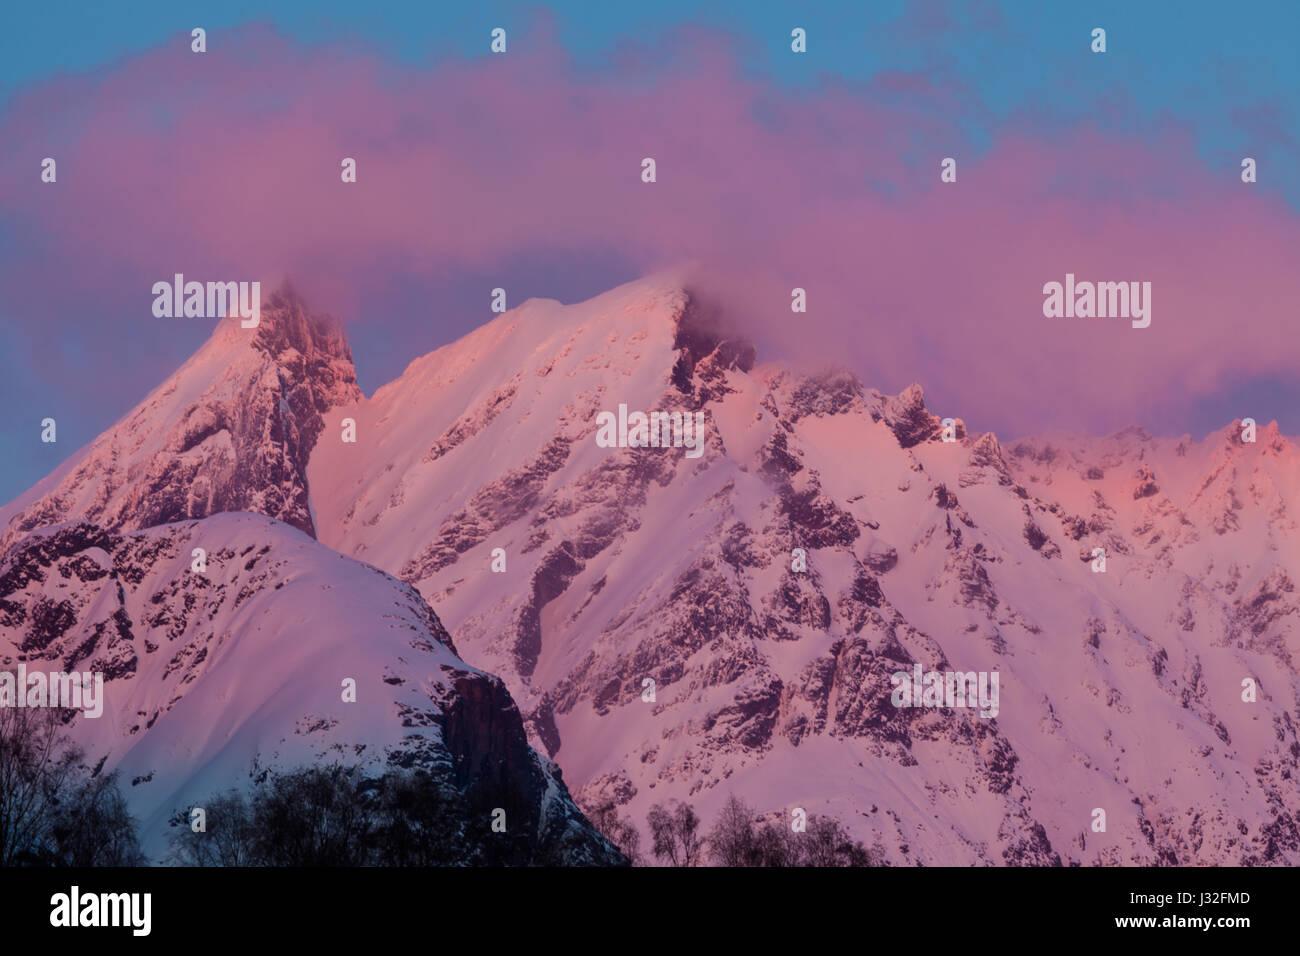 Colored evening light on the mountain Store Vengetind, Møre og Romsdal, Norway. - Stock-Bilder